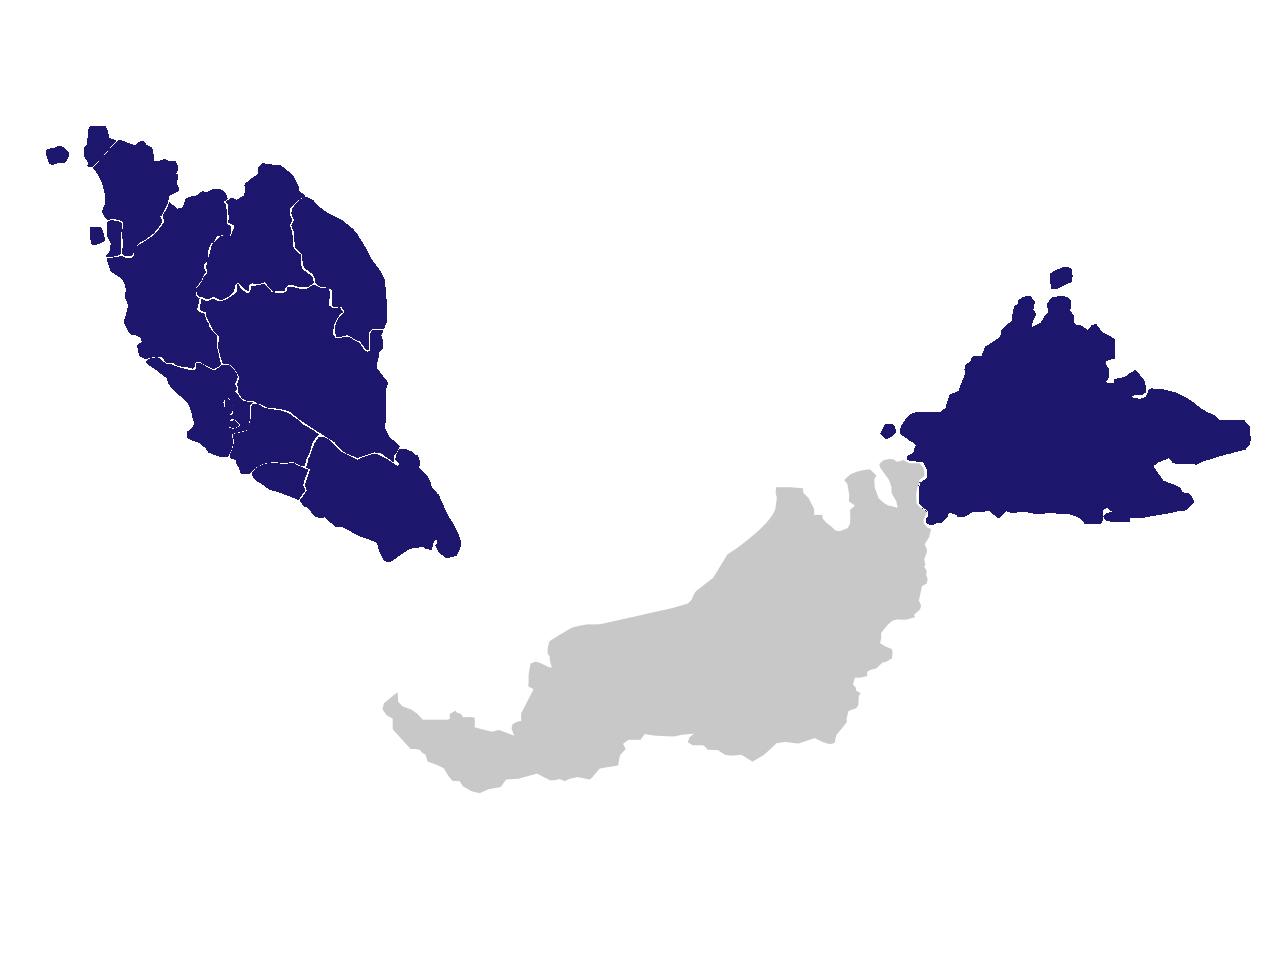 msia-map.jpg